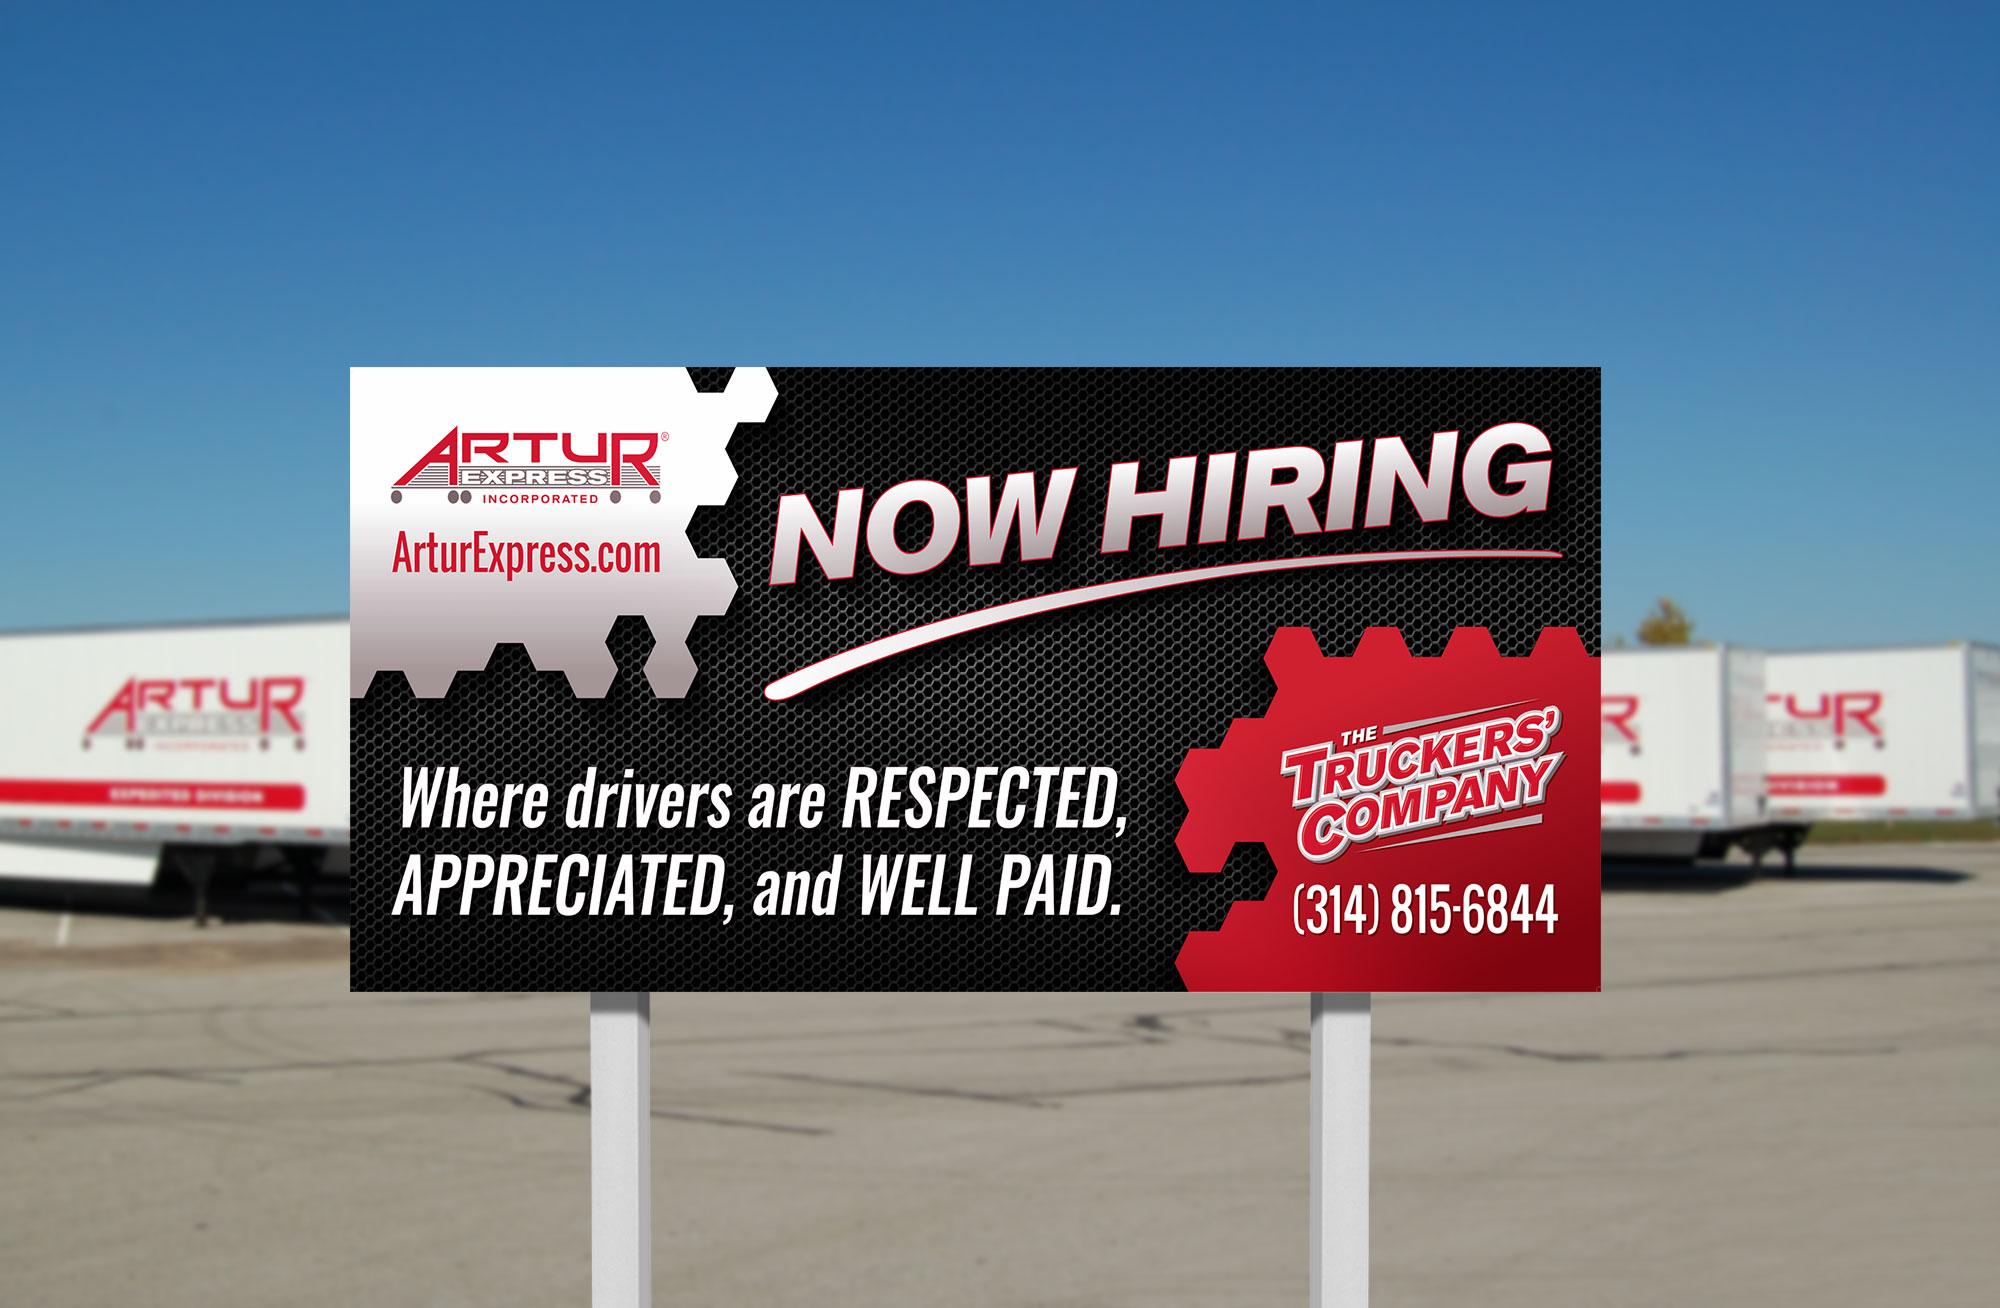 Artur Now Hiring sign design